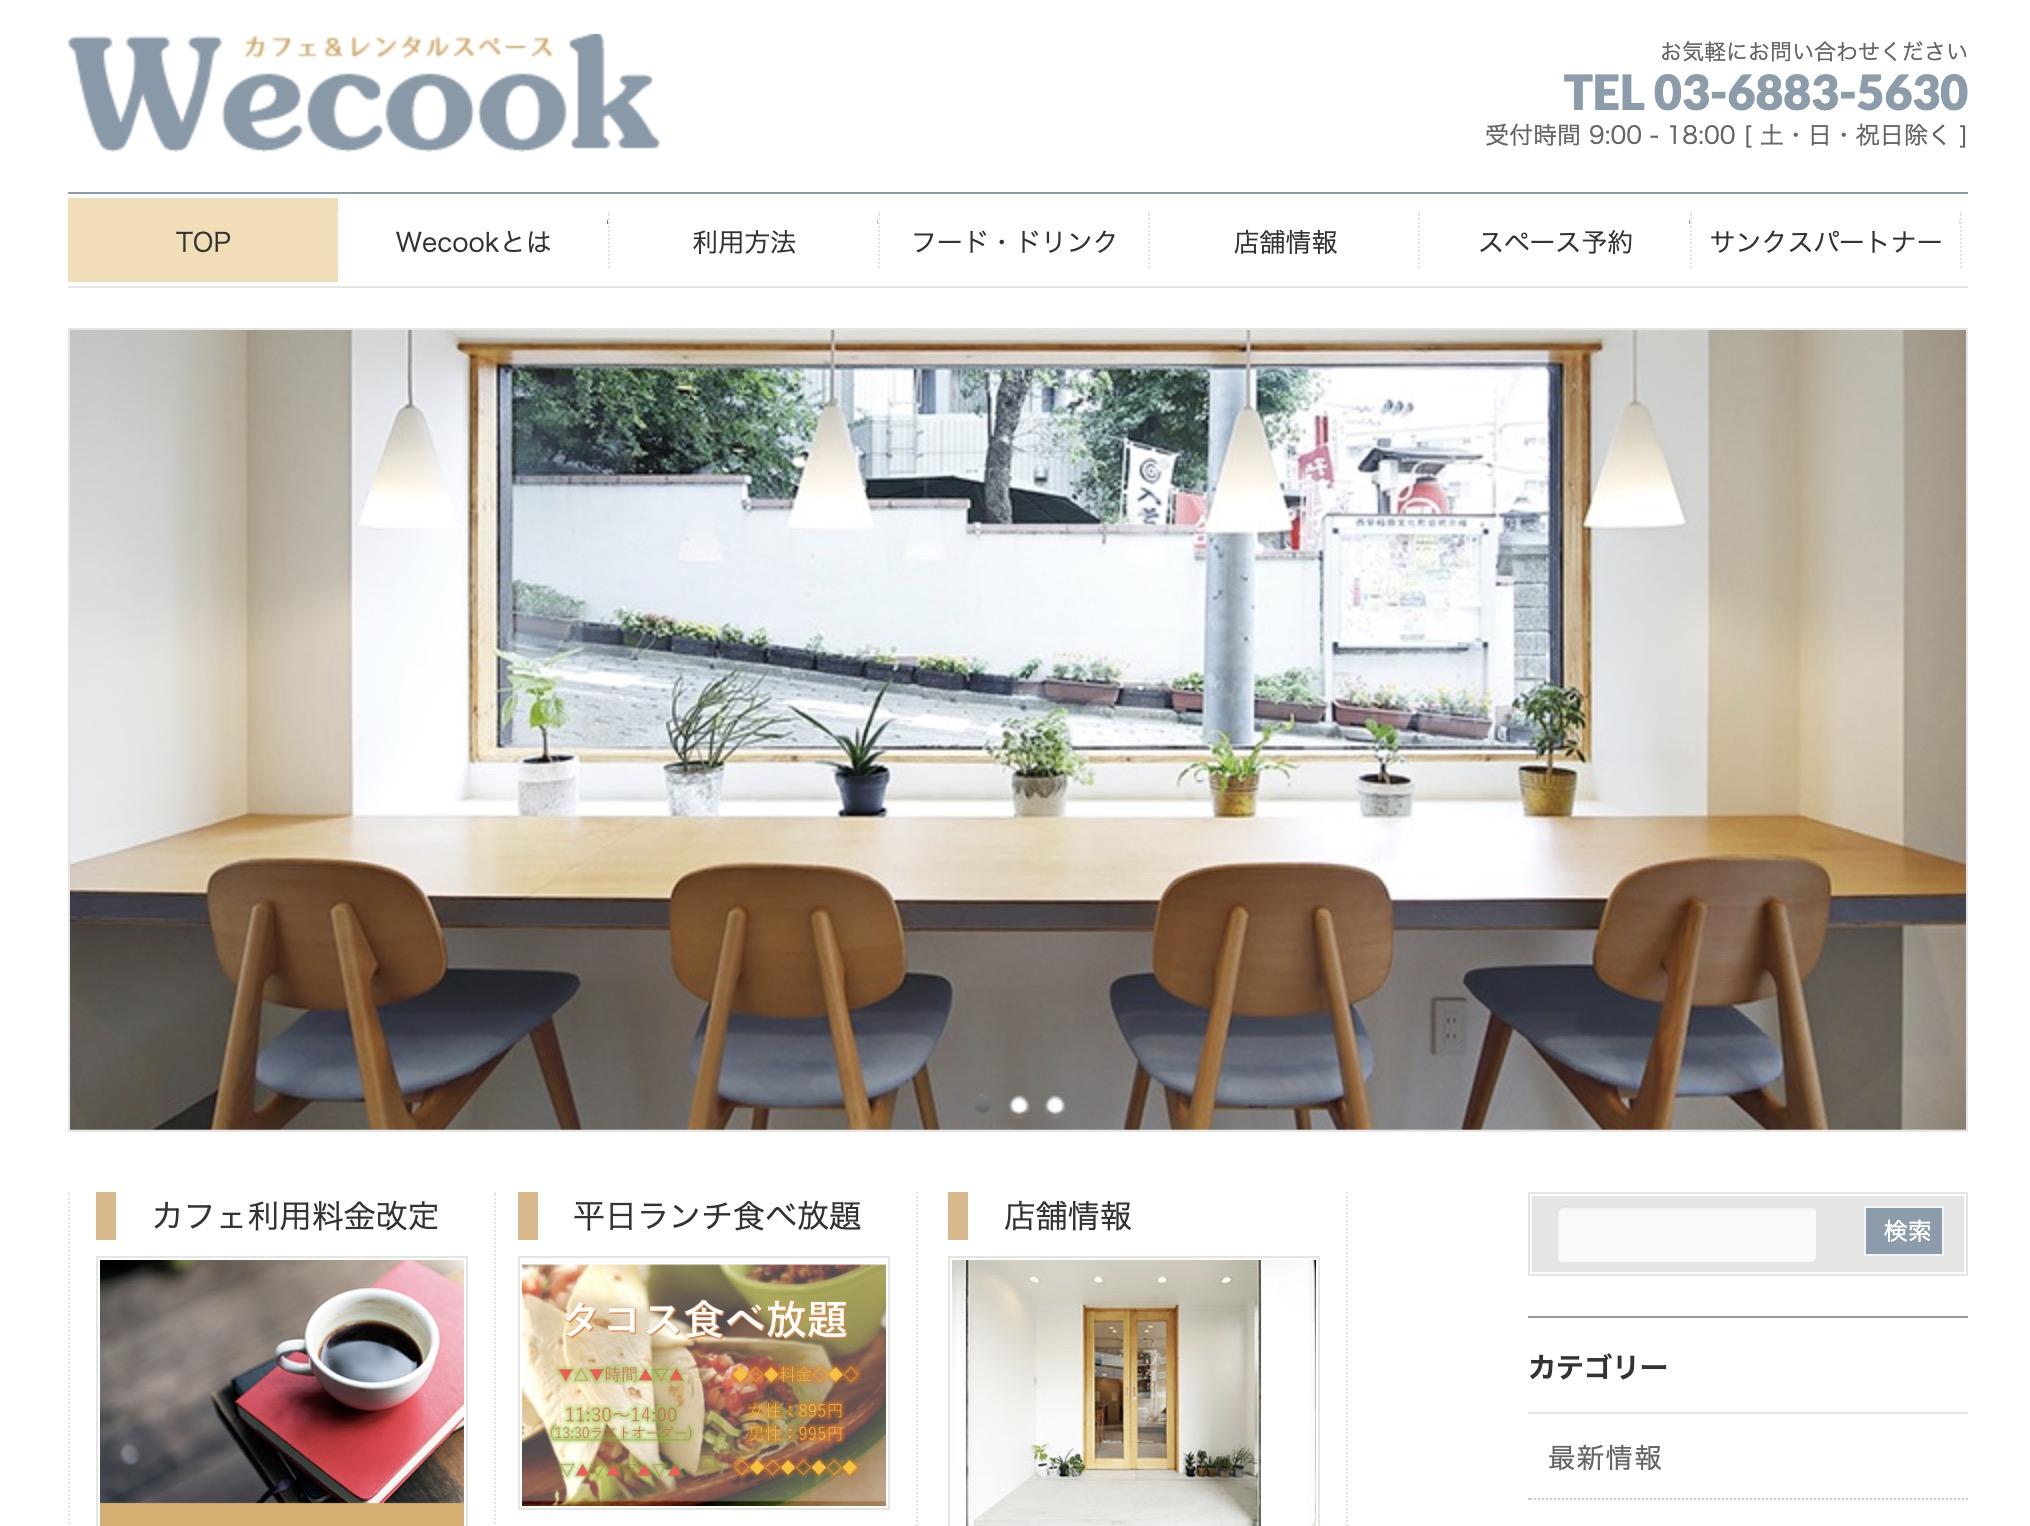 【制作実績】Wecook高田馬場ホームページ